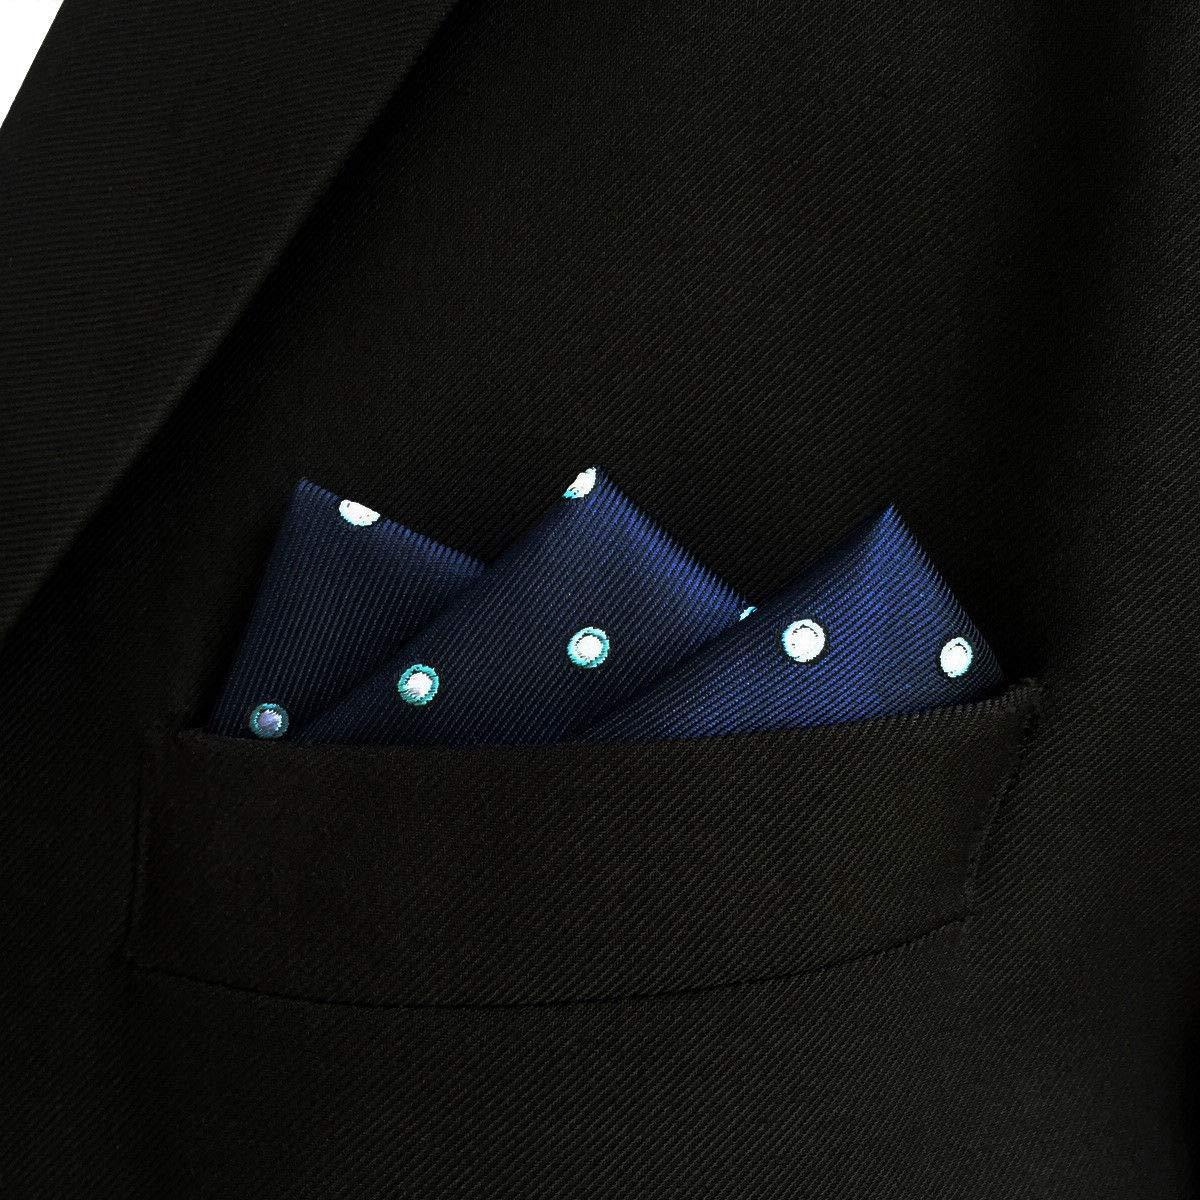 SHLAX/&WING Azul DE LOS HOMBRES Pa/ñuelo De Bolsillo Puntos Puntos Traje de negocios for Suit Jacket 32cm